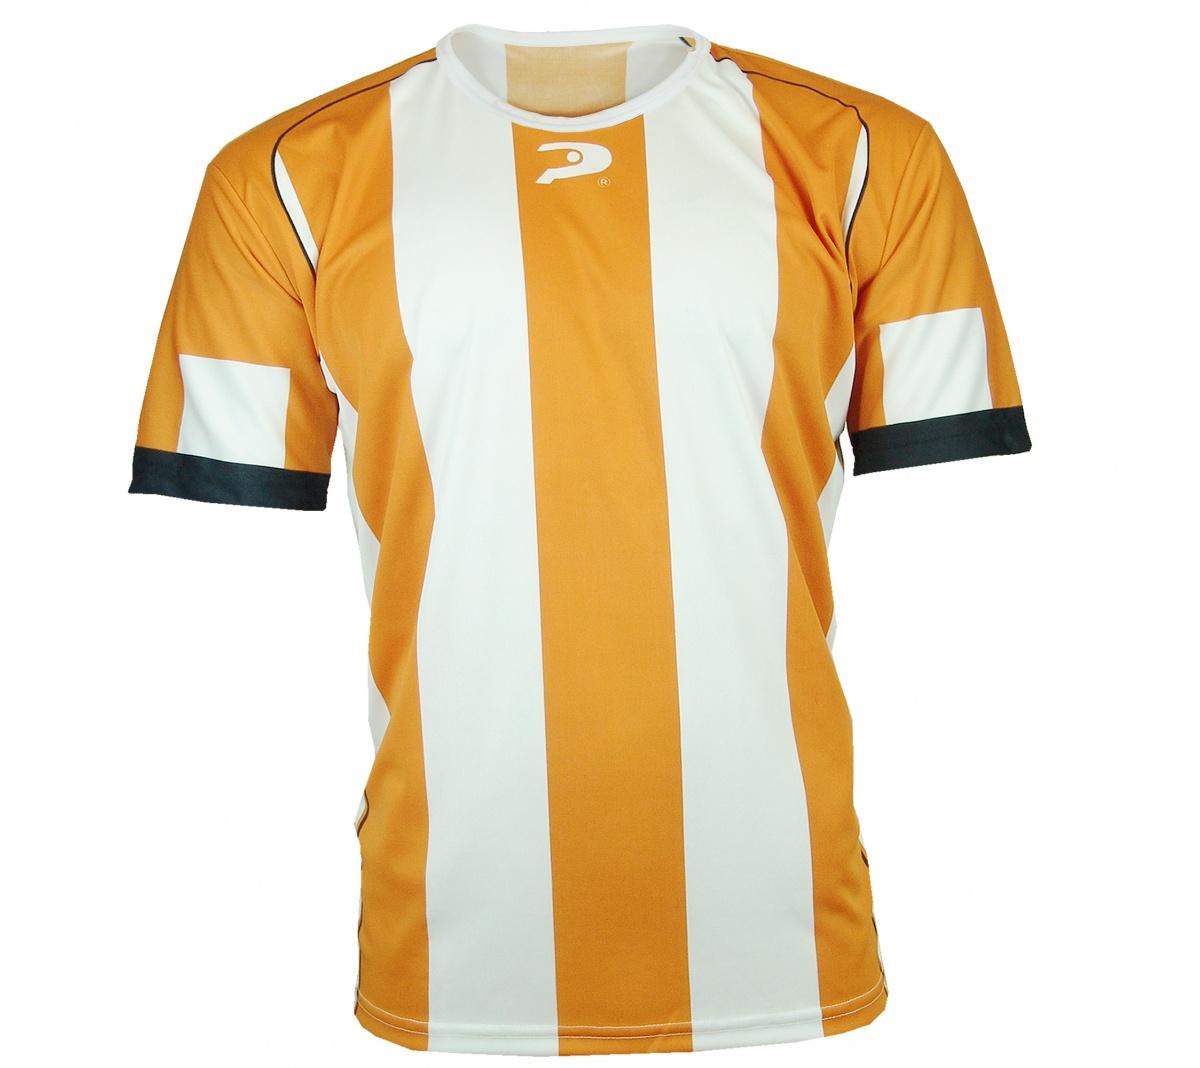 Camisa Placar Morumbi Azul Celeste Branco - Mundo do Futebol 3a13f787ecbe3